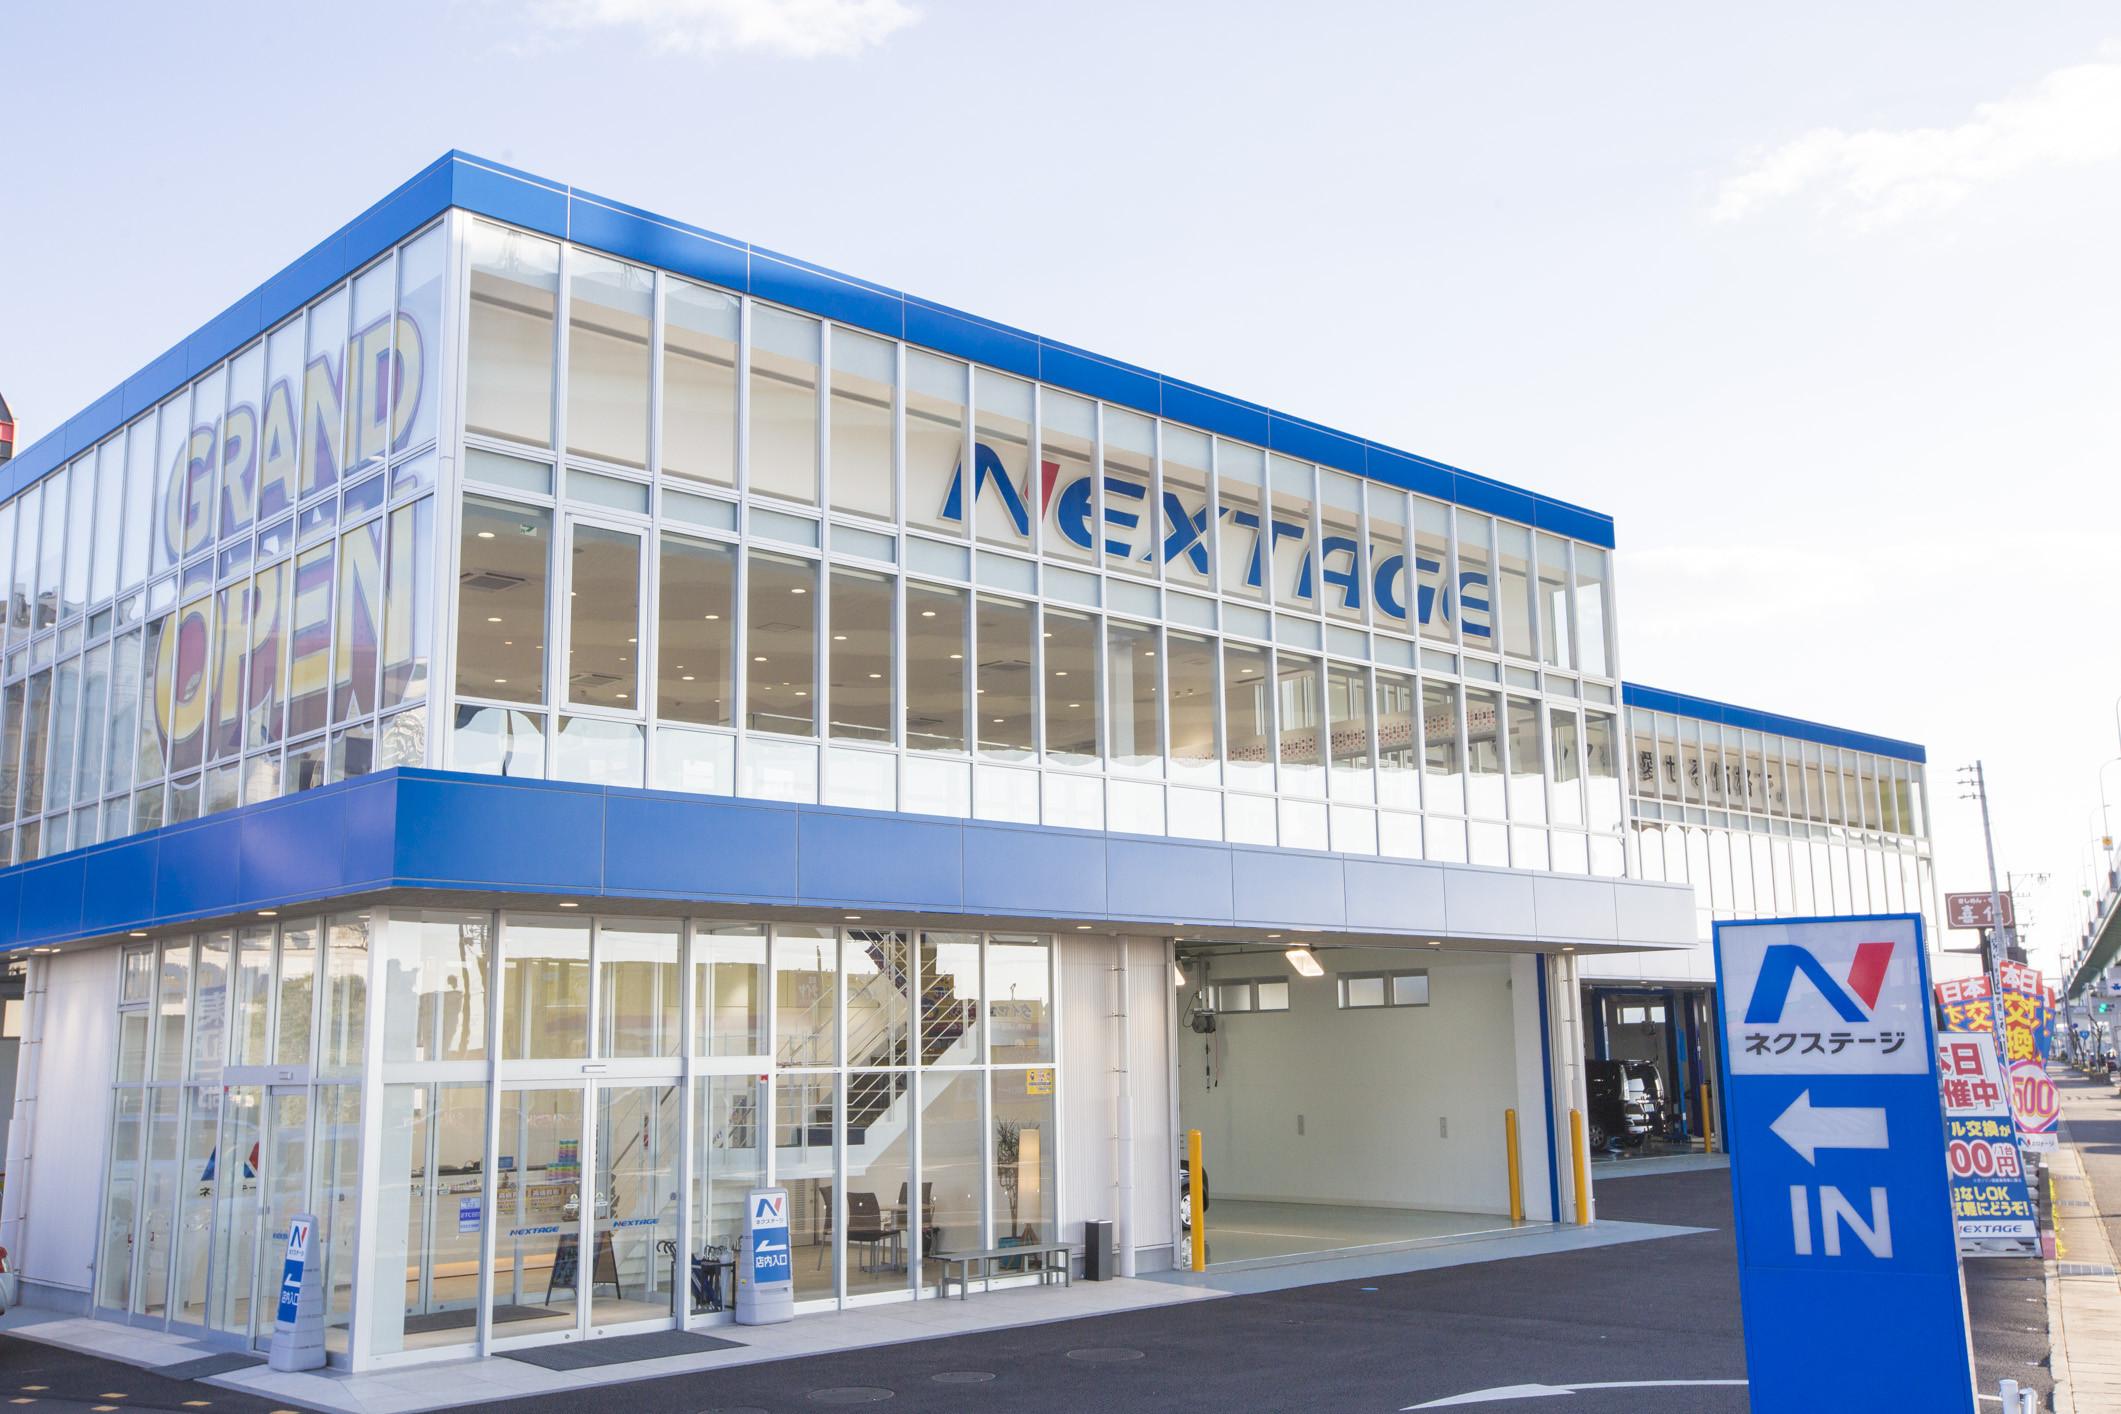 ネクステージ 岡崎 スバル・SUV車専門店のアルバイト情報